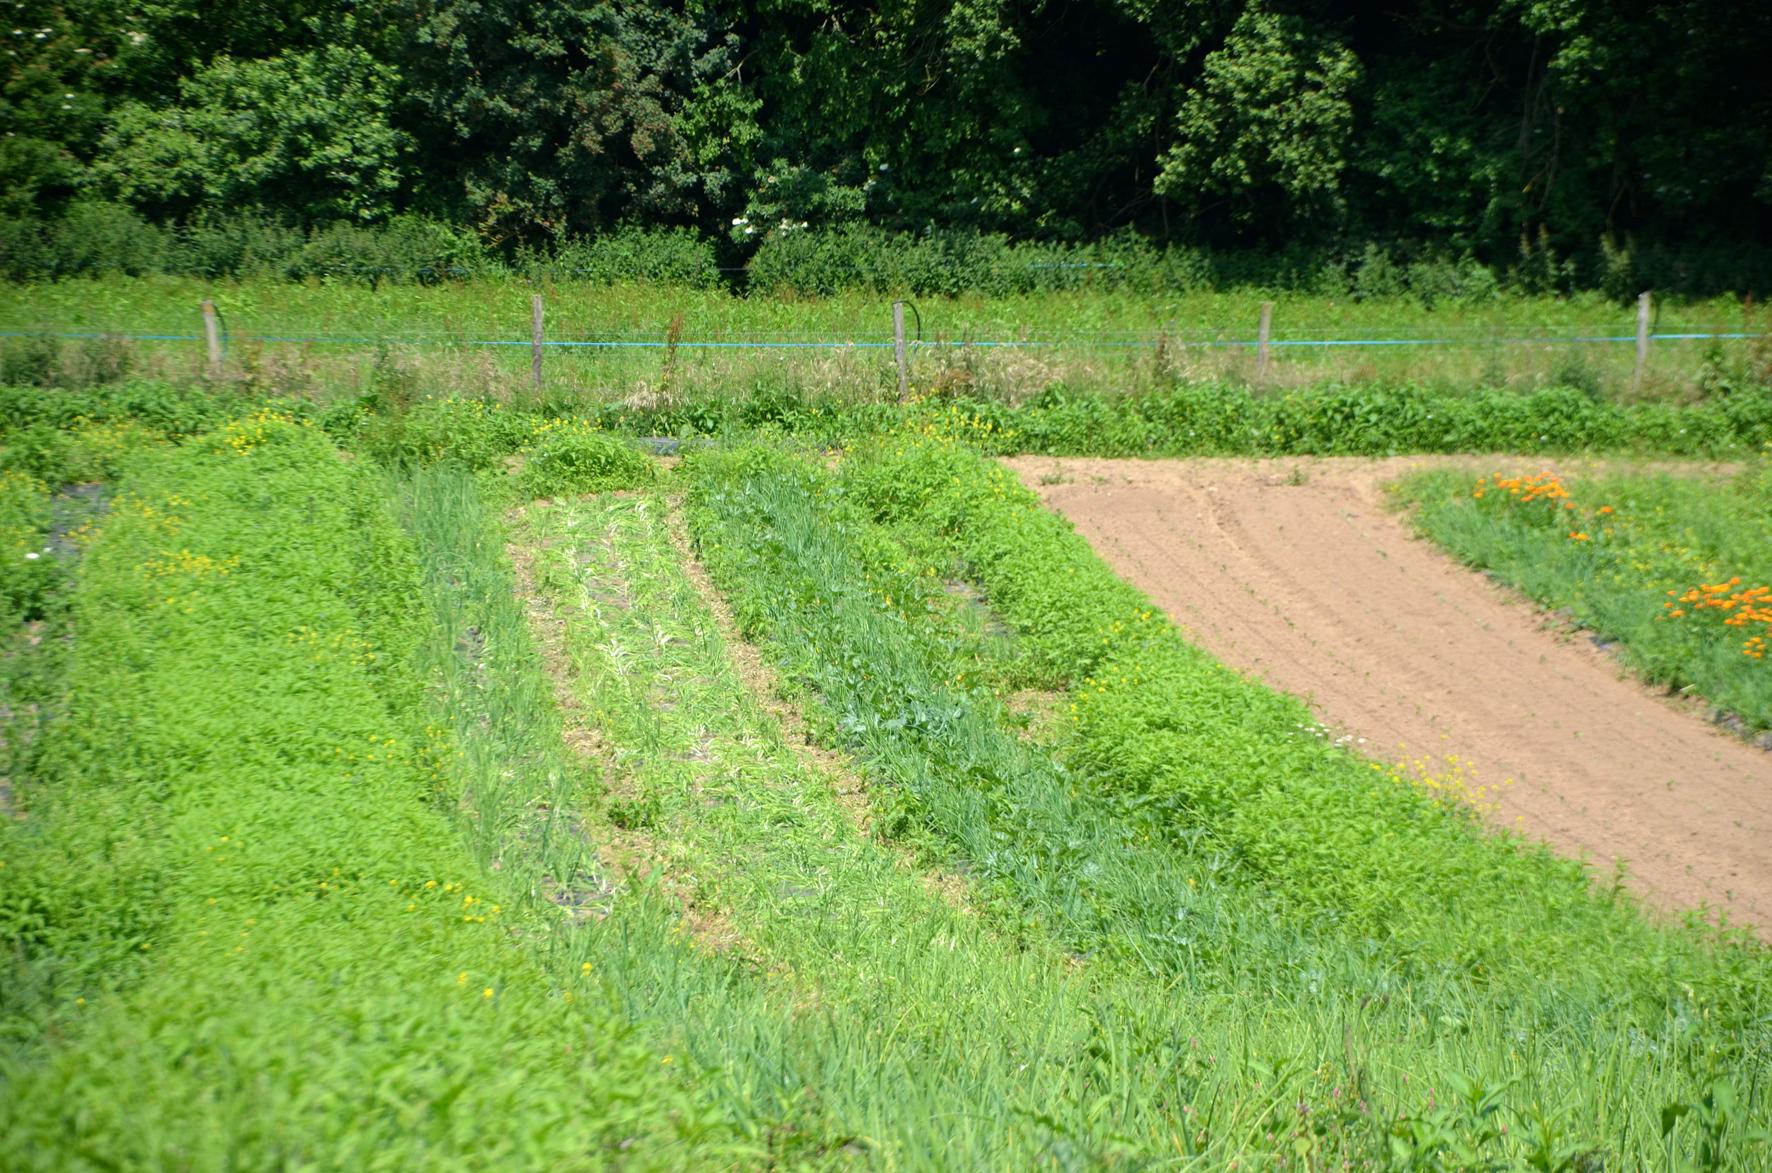 Soit une planche de culture de 100 mètres, un oignon planté tous les 15 centimètres sur 3 rangées et 8 fois plus de mauvaises herbes. Combien faut-il d'heures pour désherber la surface ?